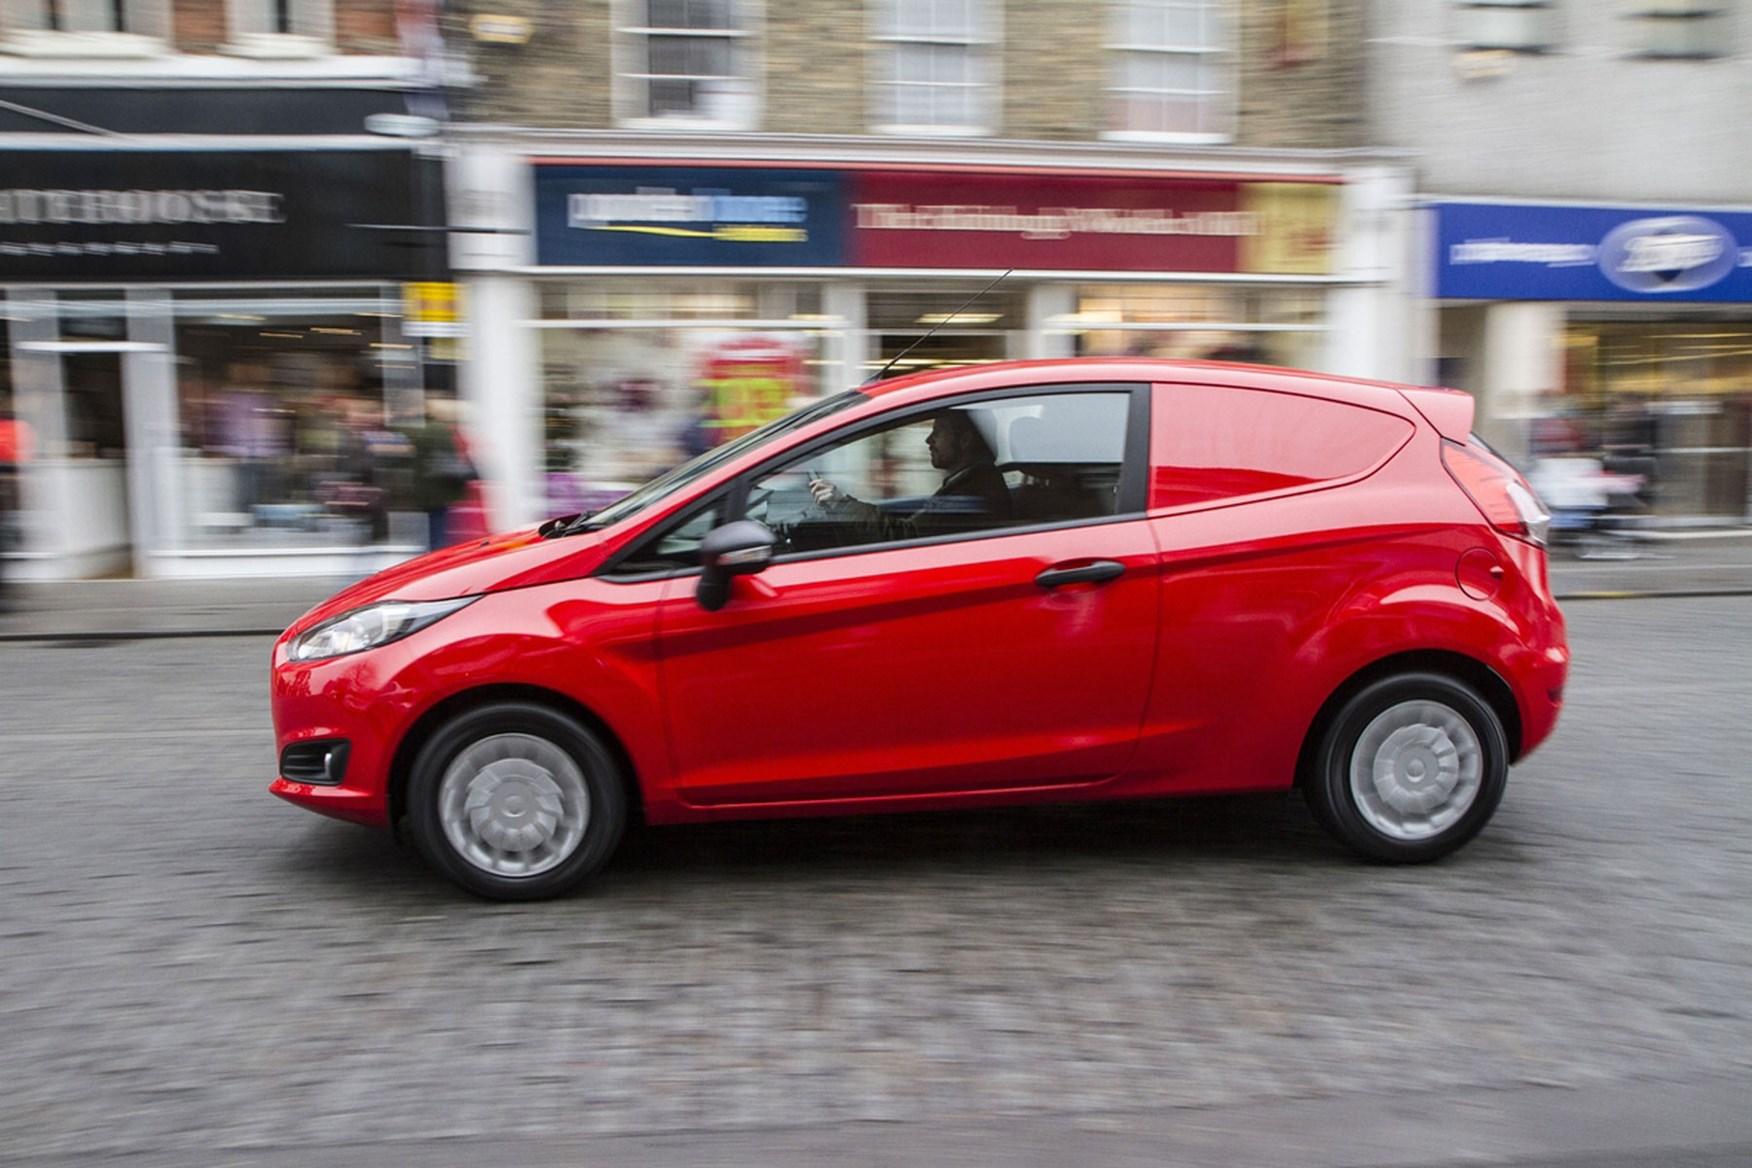 Ford Fiesta Van (2009-2017) driving experience